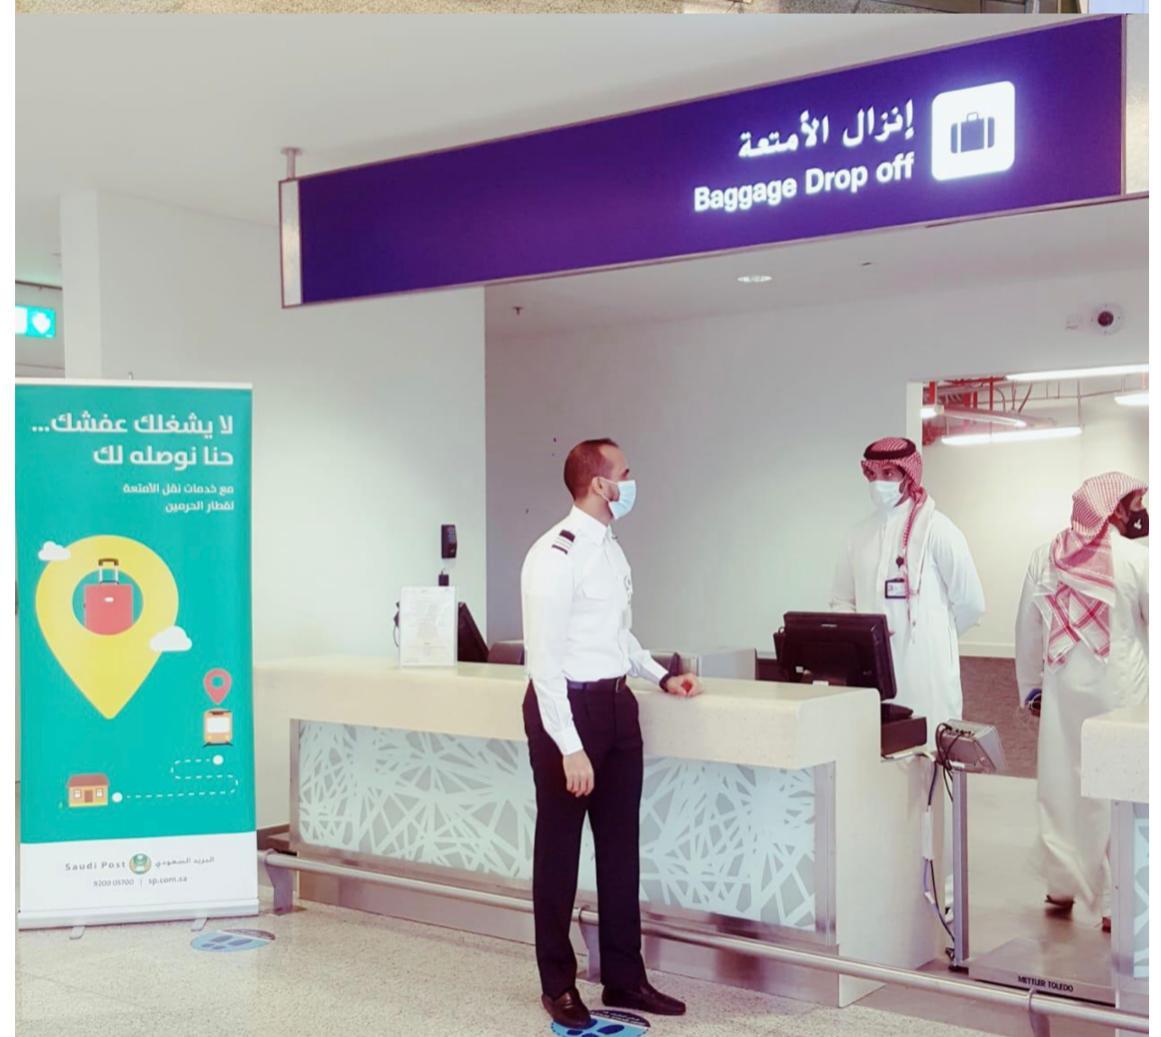 مكتب البريد السعودي بمحطة قطار الحرمين السريع يستأنف تقديم خدماتة